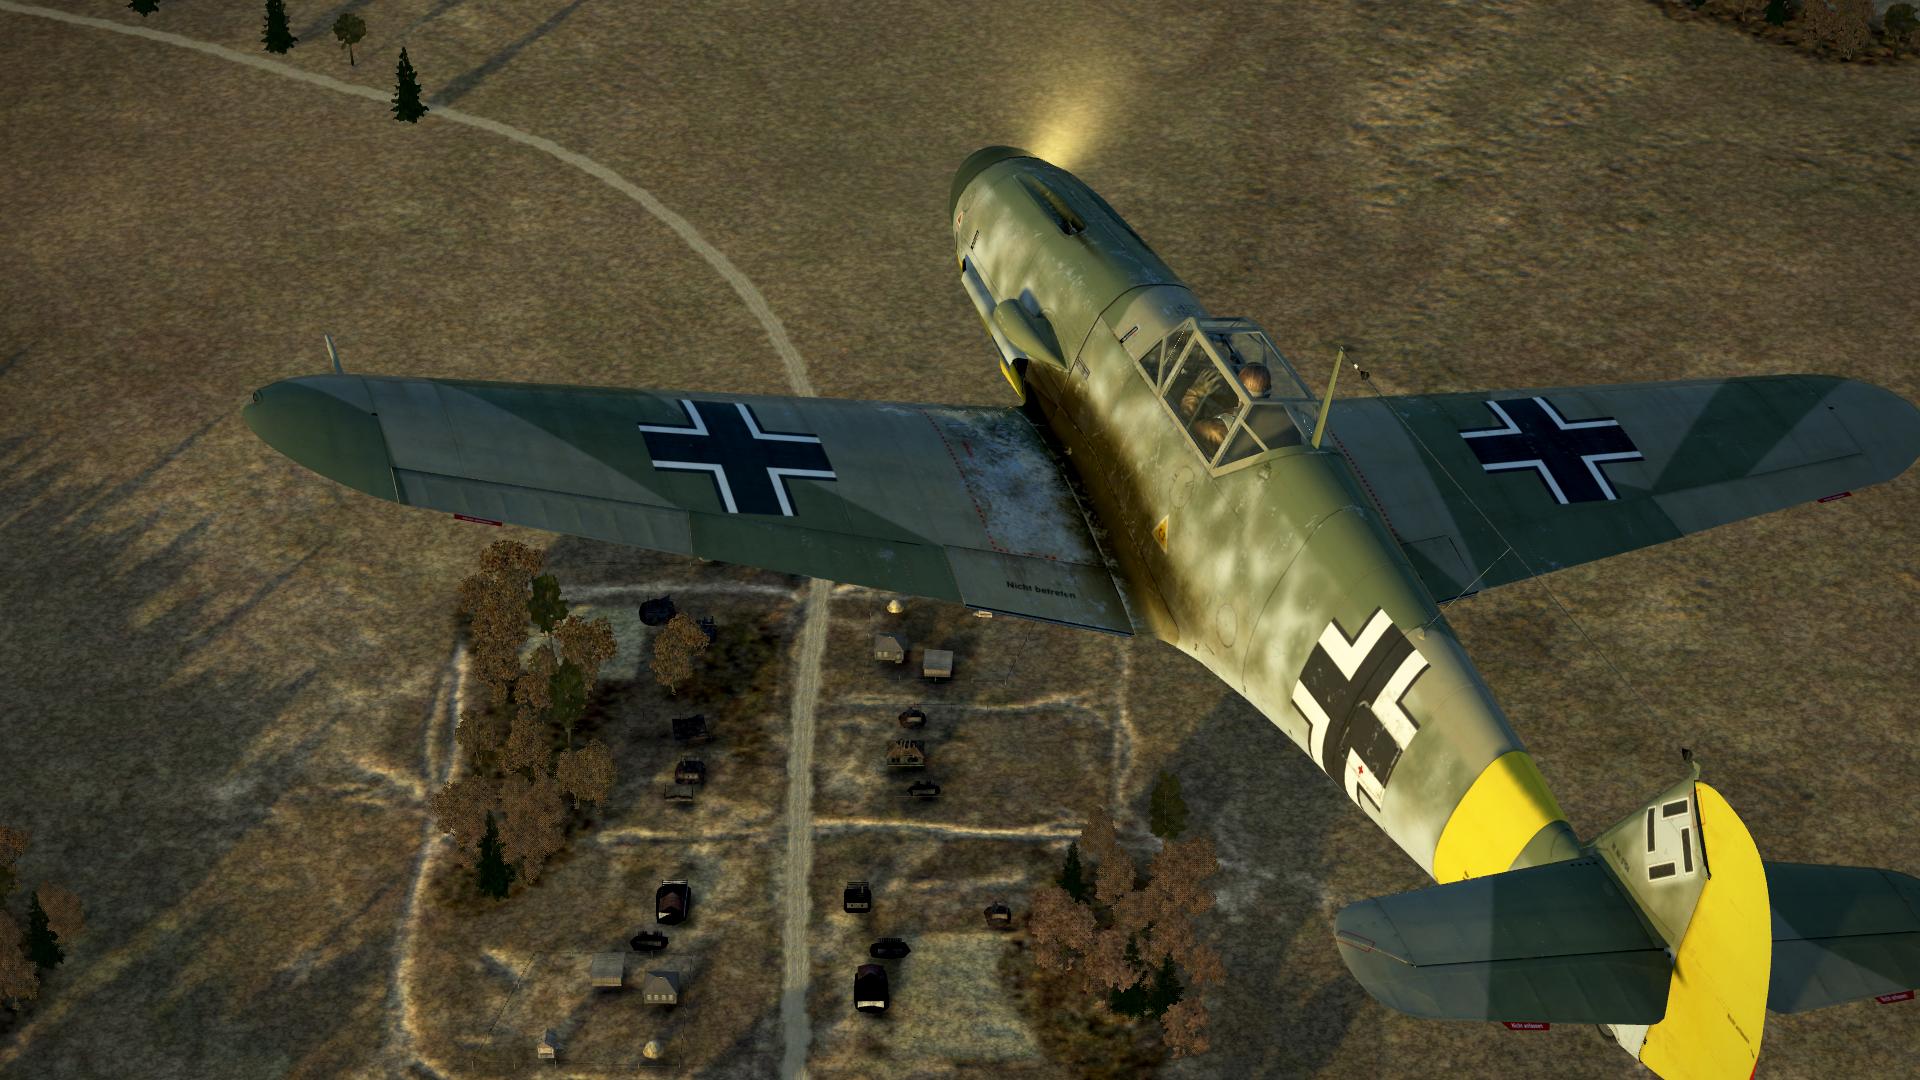 IL-2 Sturmovik Battle of Stalingrad Screenshot 2019.12.26 - 17.26.26.40.png